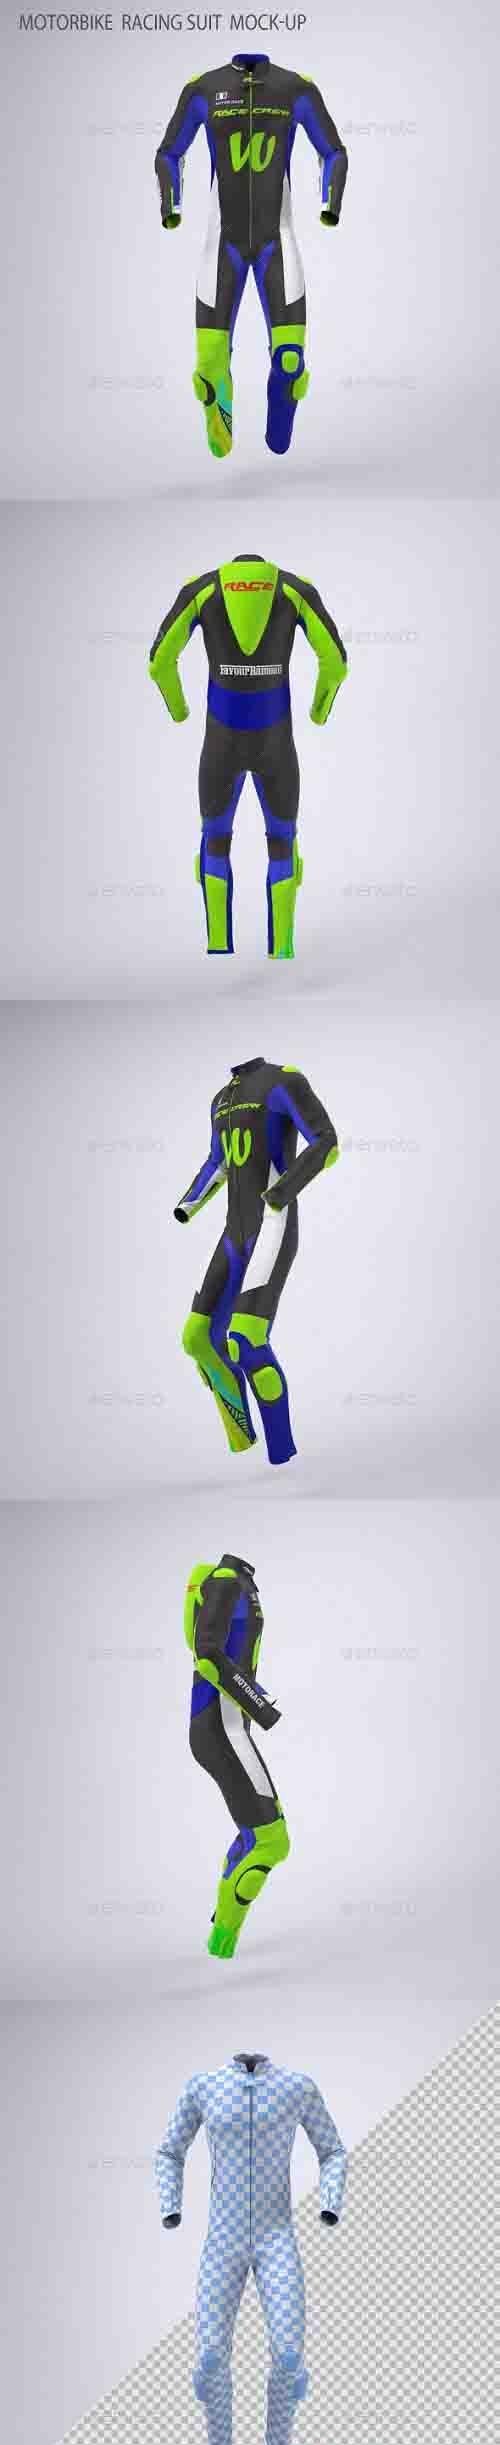 Motorbike Racing Suit Mock-Up - 30740485